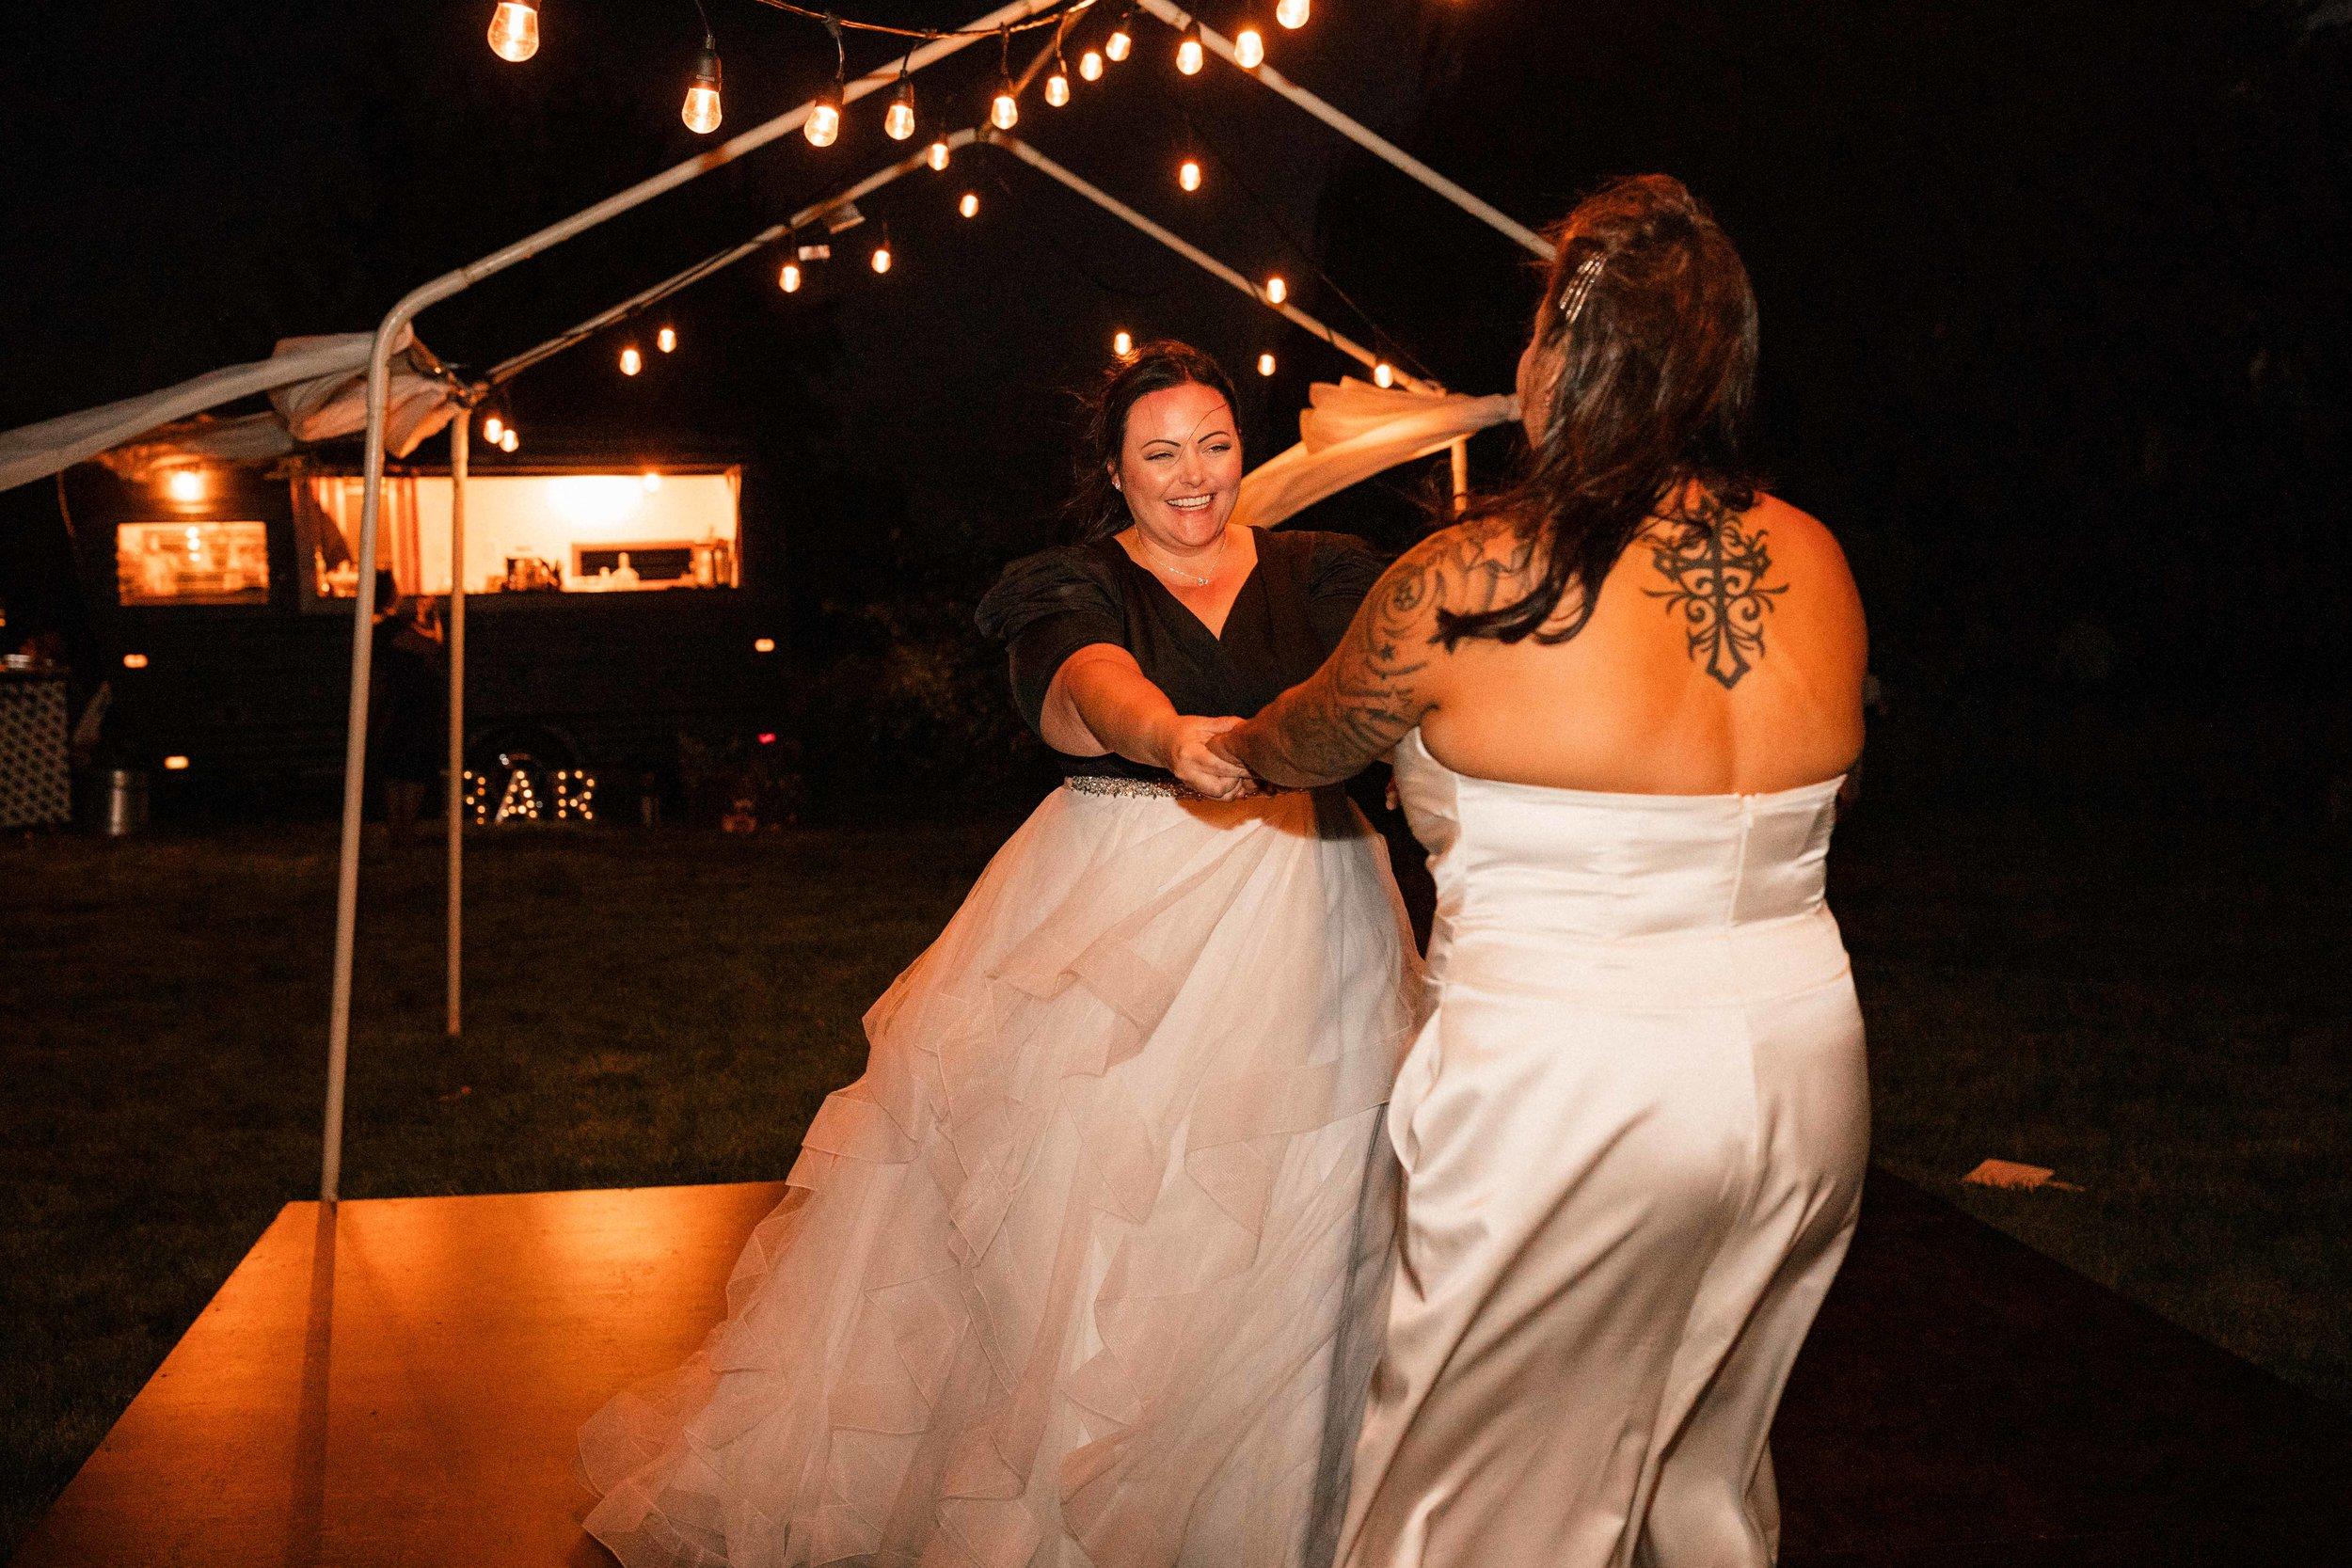 pasco-wedding-photos-61.jpg